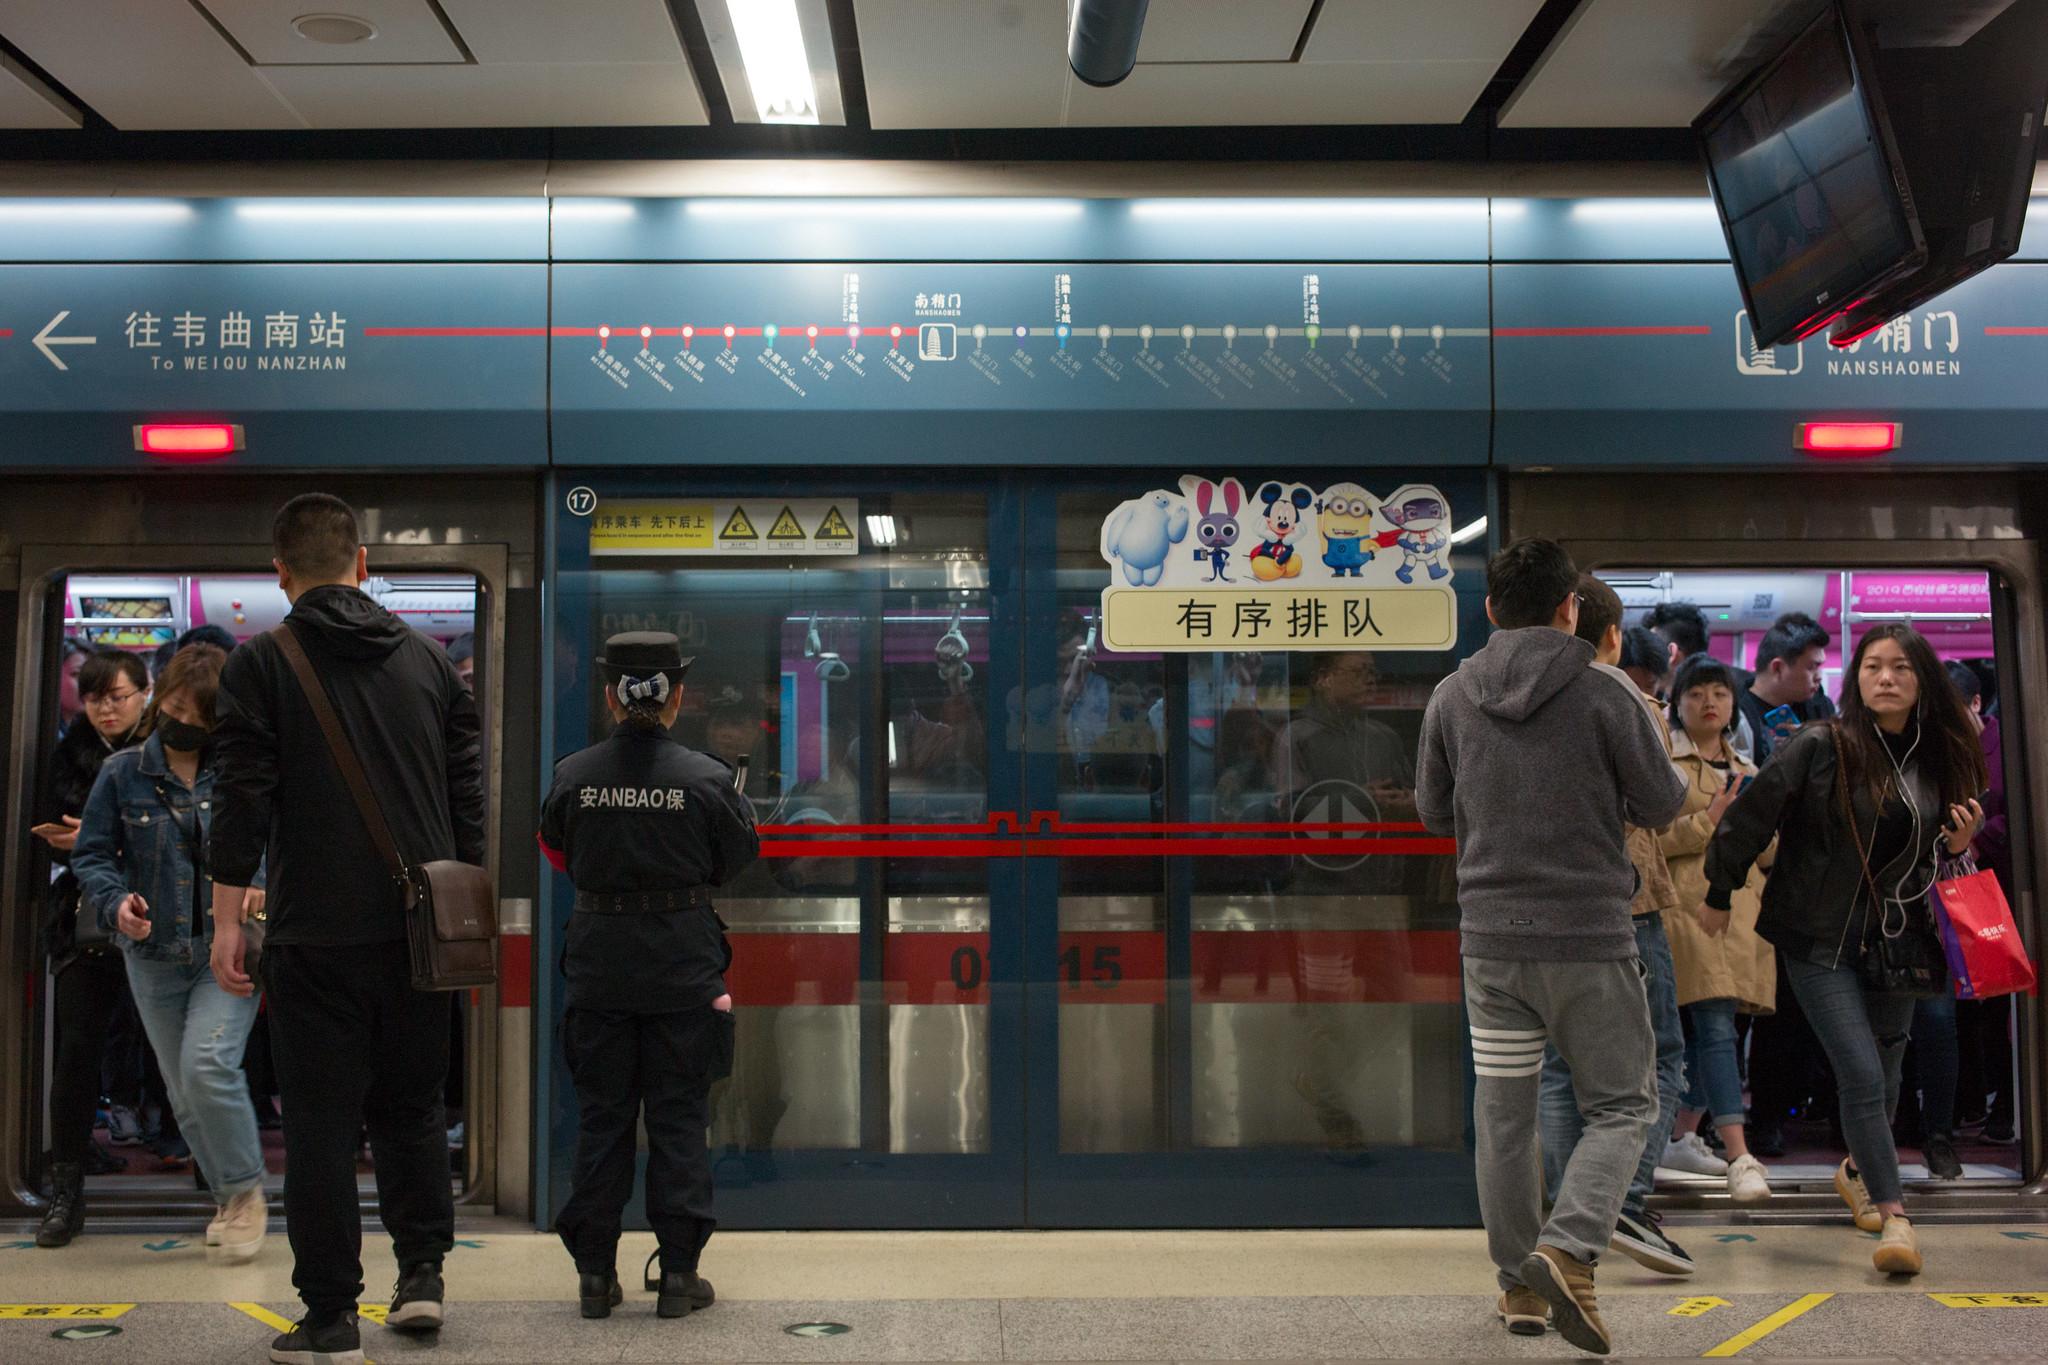 Metro xian